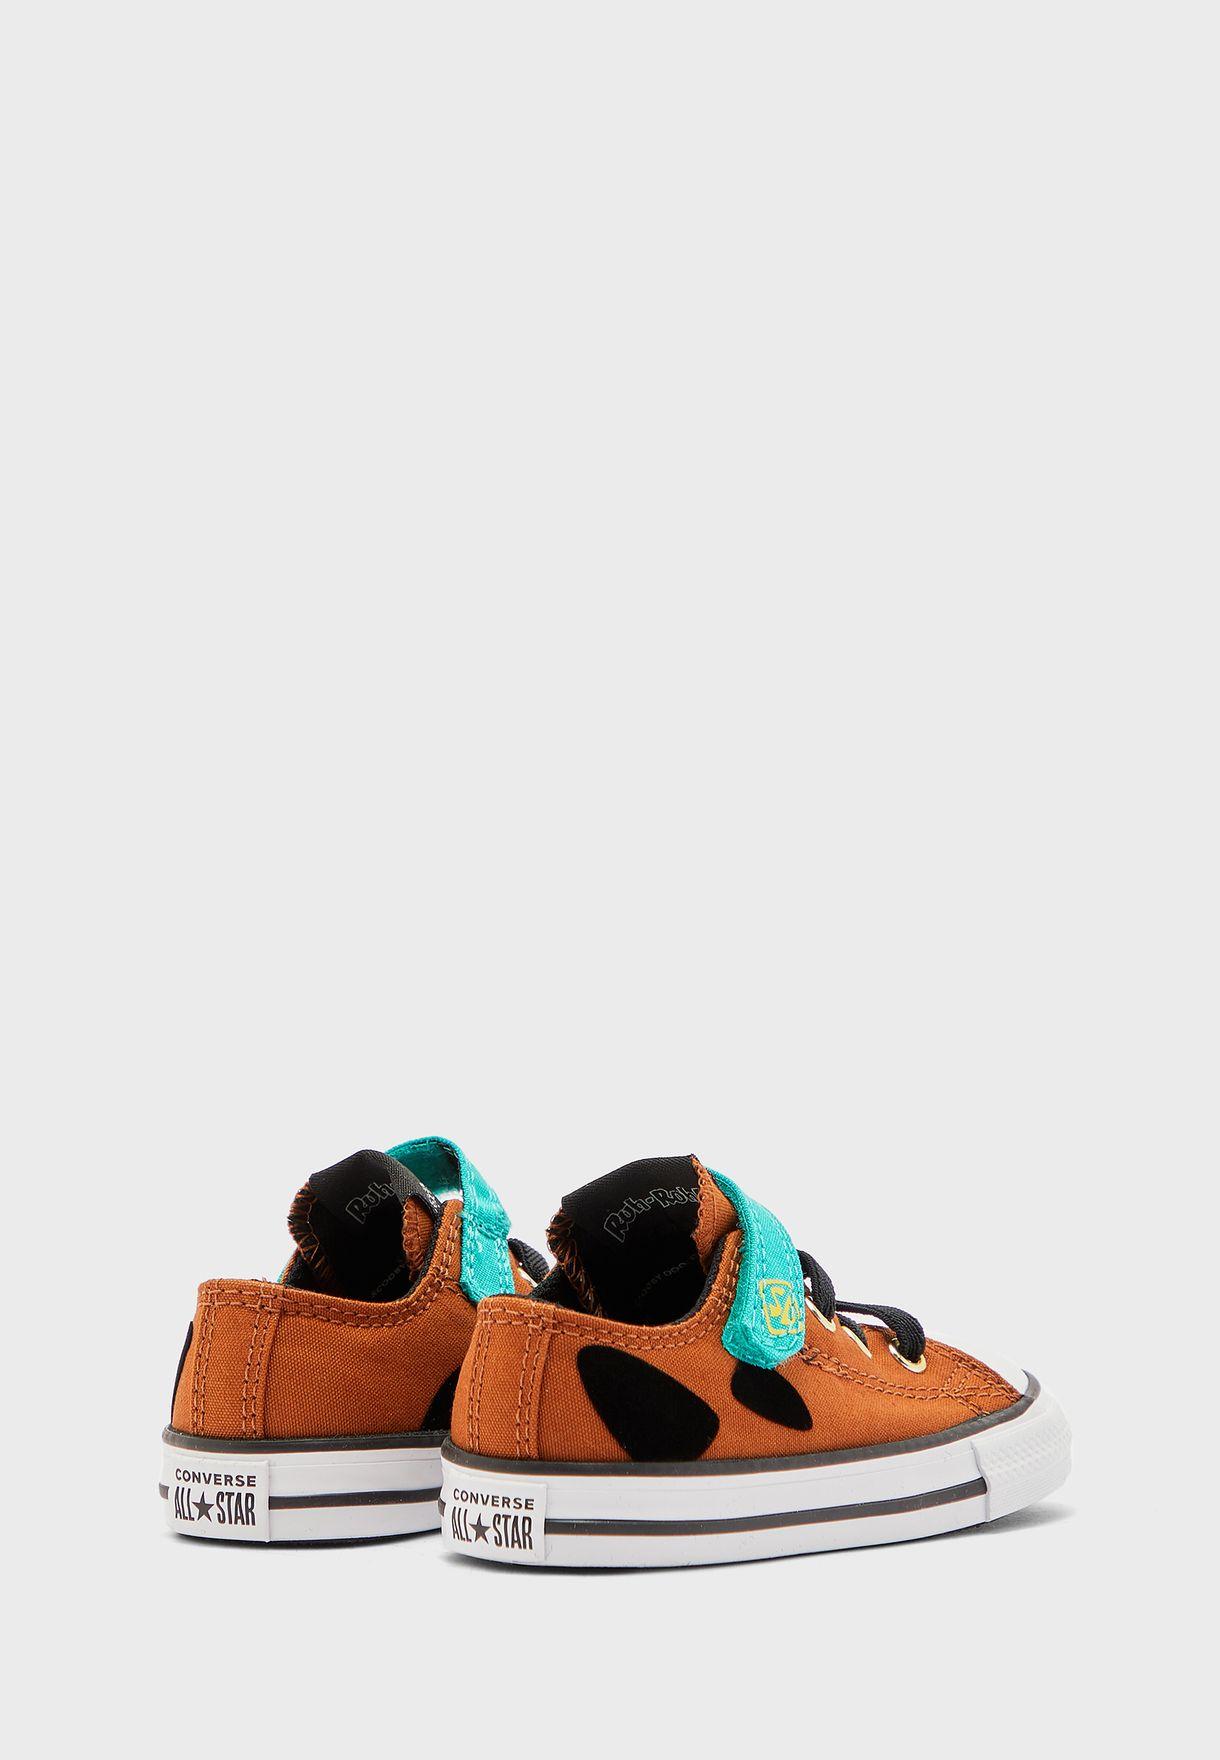 حذاء من مجموعة سكوبي دو